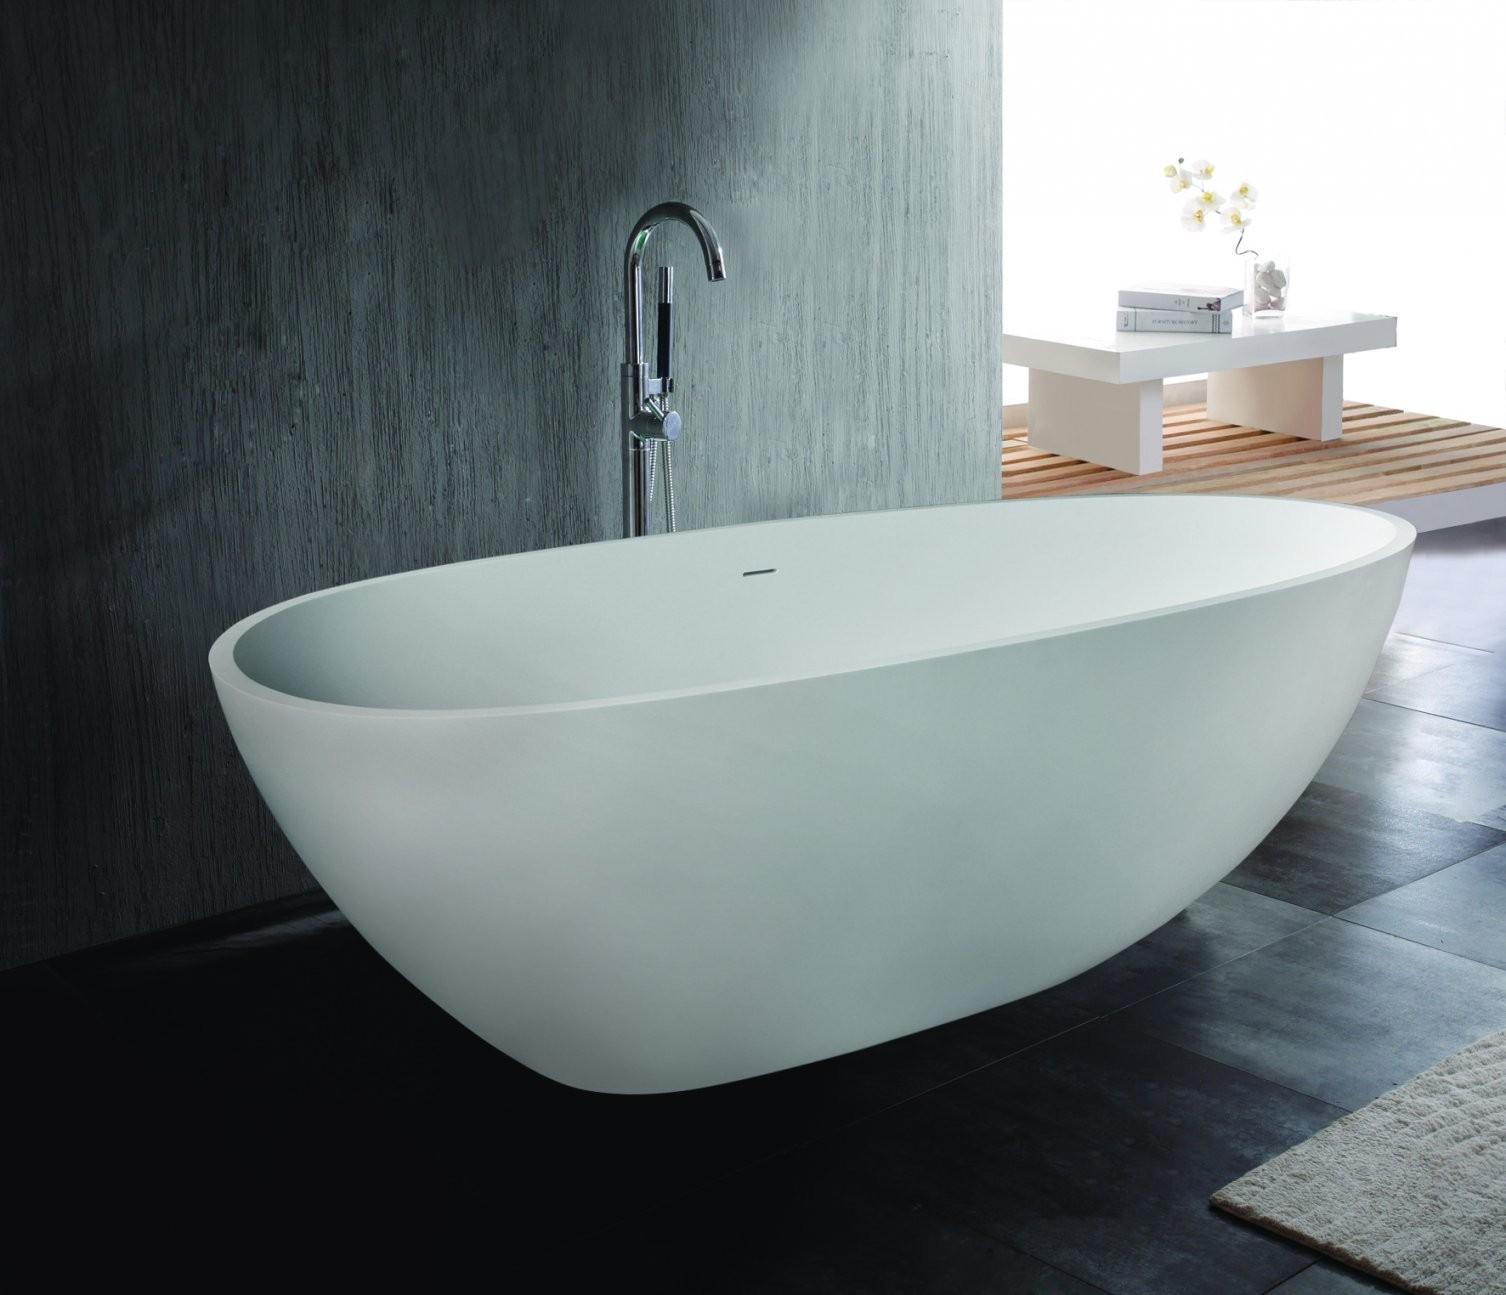 Freistehende Ovale Mineralguss Ei Badewanne 0101004 In Der Kategorie von Freistehende Ovale Badewanne Bild